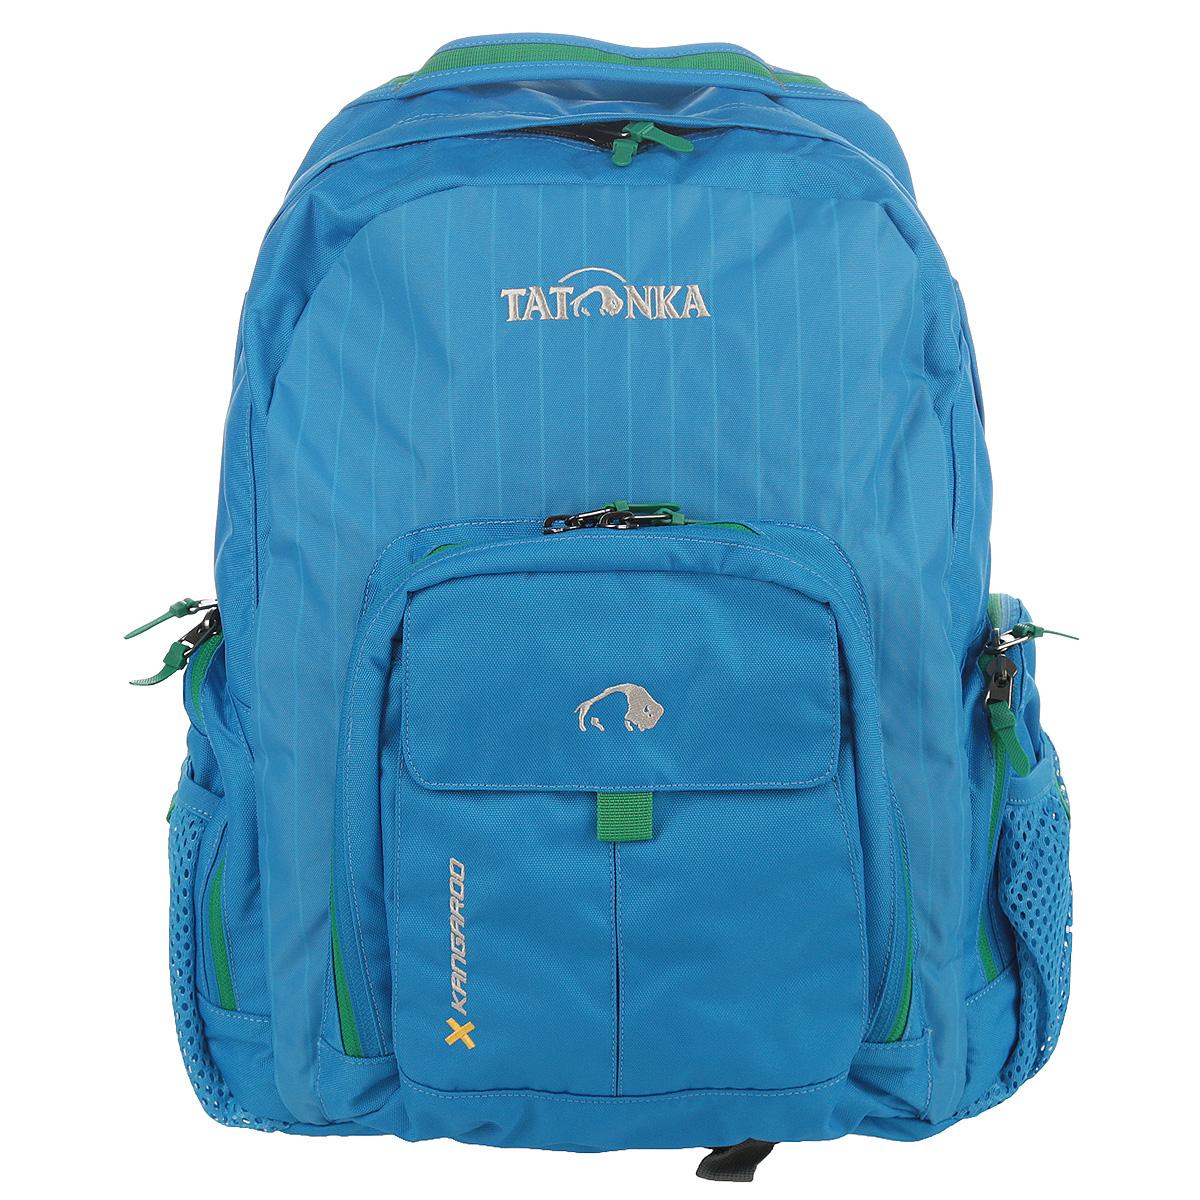 Рюкзак городской Tatonka Kangaroo, цвет: голубой, 27 л. 1601.1941601.194Практичный городской рюкзак со множеством карманов. Рюкзак Kangaroo назван так вероятно потому, что в него можно уложить большое количество вещей. Для всего, что не помещается в основное отделение или должно находиться под рукой, рюкзак Kangaroo располагает передним накладным карманом на молнии с органайзером и двумя боковыми сетчатыми карманами на молнии. Легкие грудной и поясной ремни обеспечивают дополнительную фиксацию рюкзака. Спинка, обтянутая воздухопроницаемой сеткой AirMesh, удобно прилегает к спине и обеспечивает комфорт при ношении. Лямки так-же обтянуты сеточкой AirMesh и обеспечивают комфорт даже в жаркую погоду.Особенности:Подвеска: Padded Back.Материал: Textreme 6.6; Cross Nylon 420HD; AirMesh.Подвеска Back Comfort.Лямки и спинка обтянуты сеточкой AirMesh.Передний накладной карман с органайзером.Внутренний карман.Боковые кармашки на молнии.Ручка для переноски.Съемные поясной ремень.Держатель ключей.Объем 27 л.